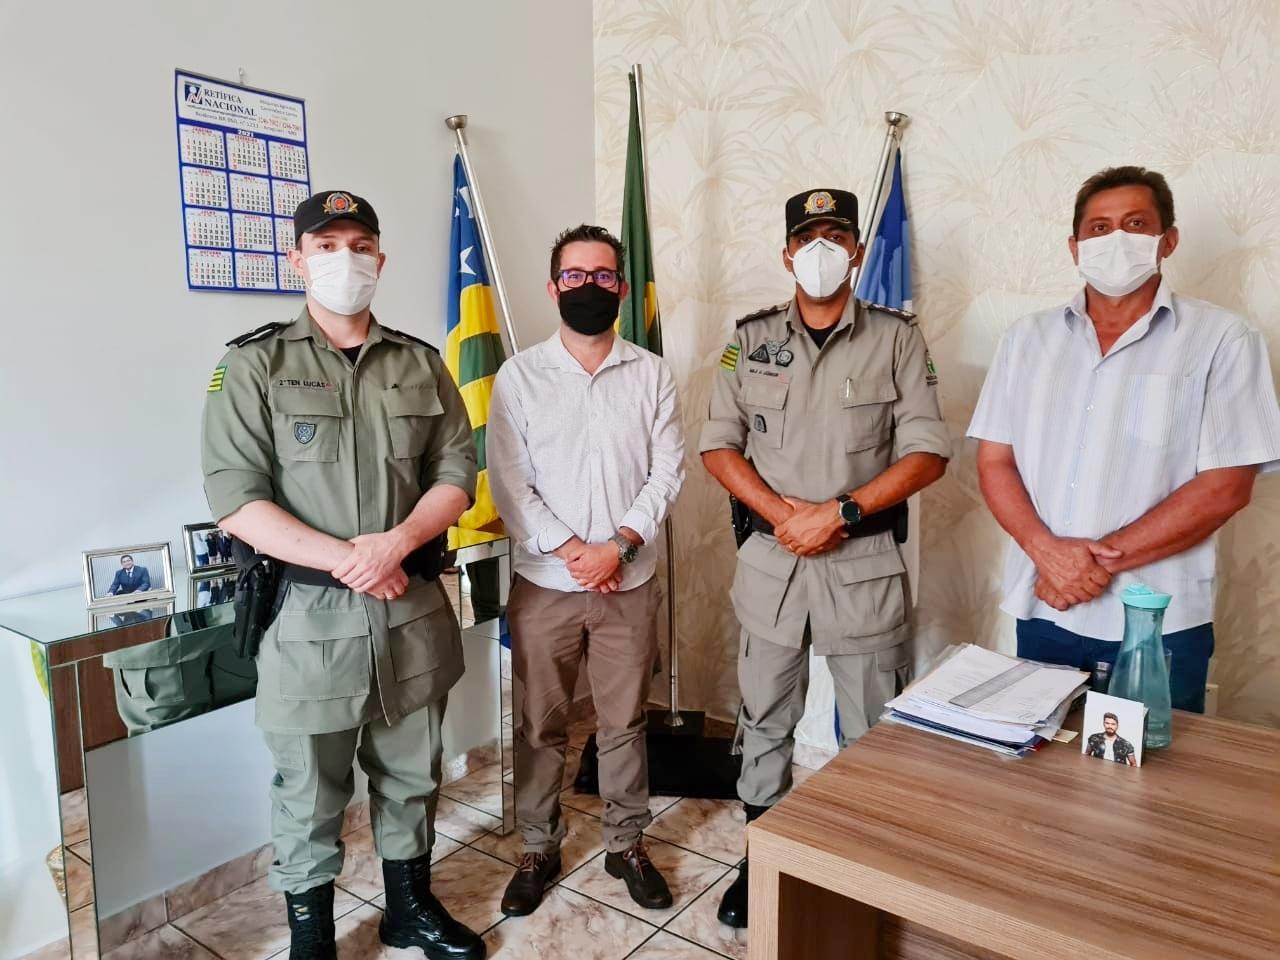 No Gabinete, Júnior Marreco e o presidente da Câmara Jerry Faleiros recebendo o o comandante do 18º BPM, Maj. J. Junior e o Ten. Lucas Fernandes